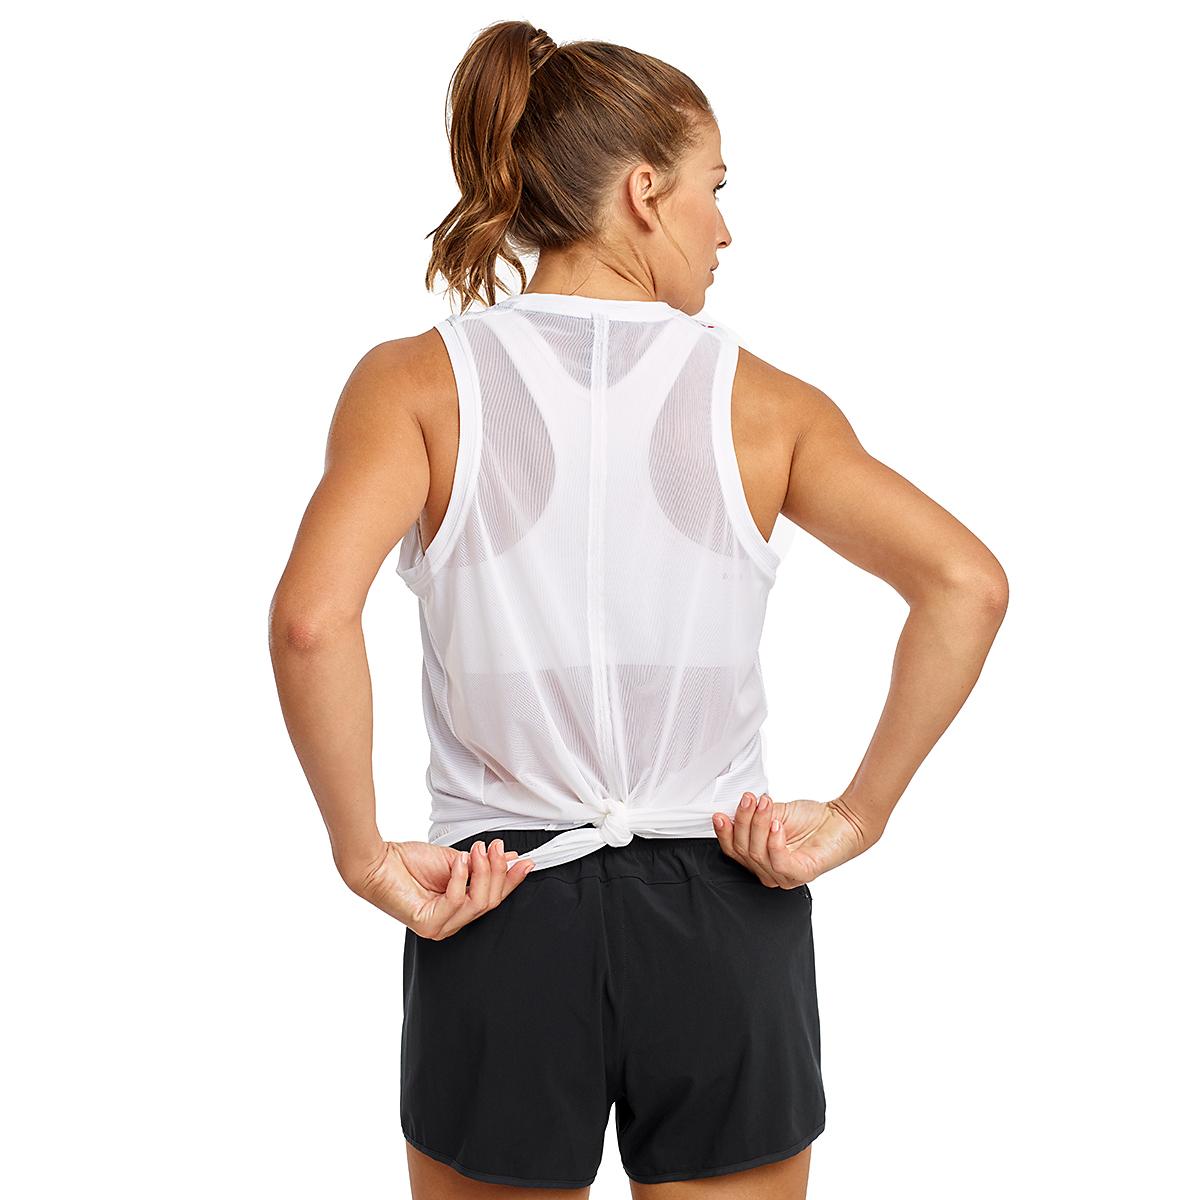 Women's Saucony Rerun Sleeveless Tank  - Color: White - Size: XXS, White, large, image 3